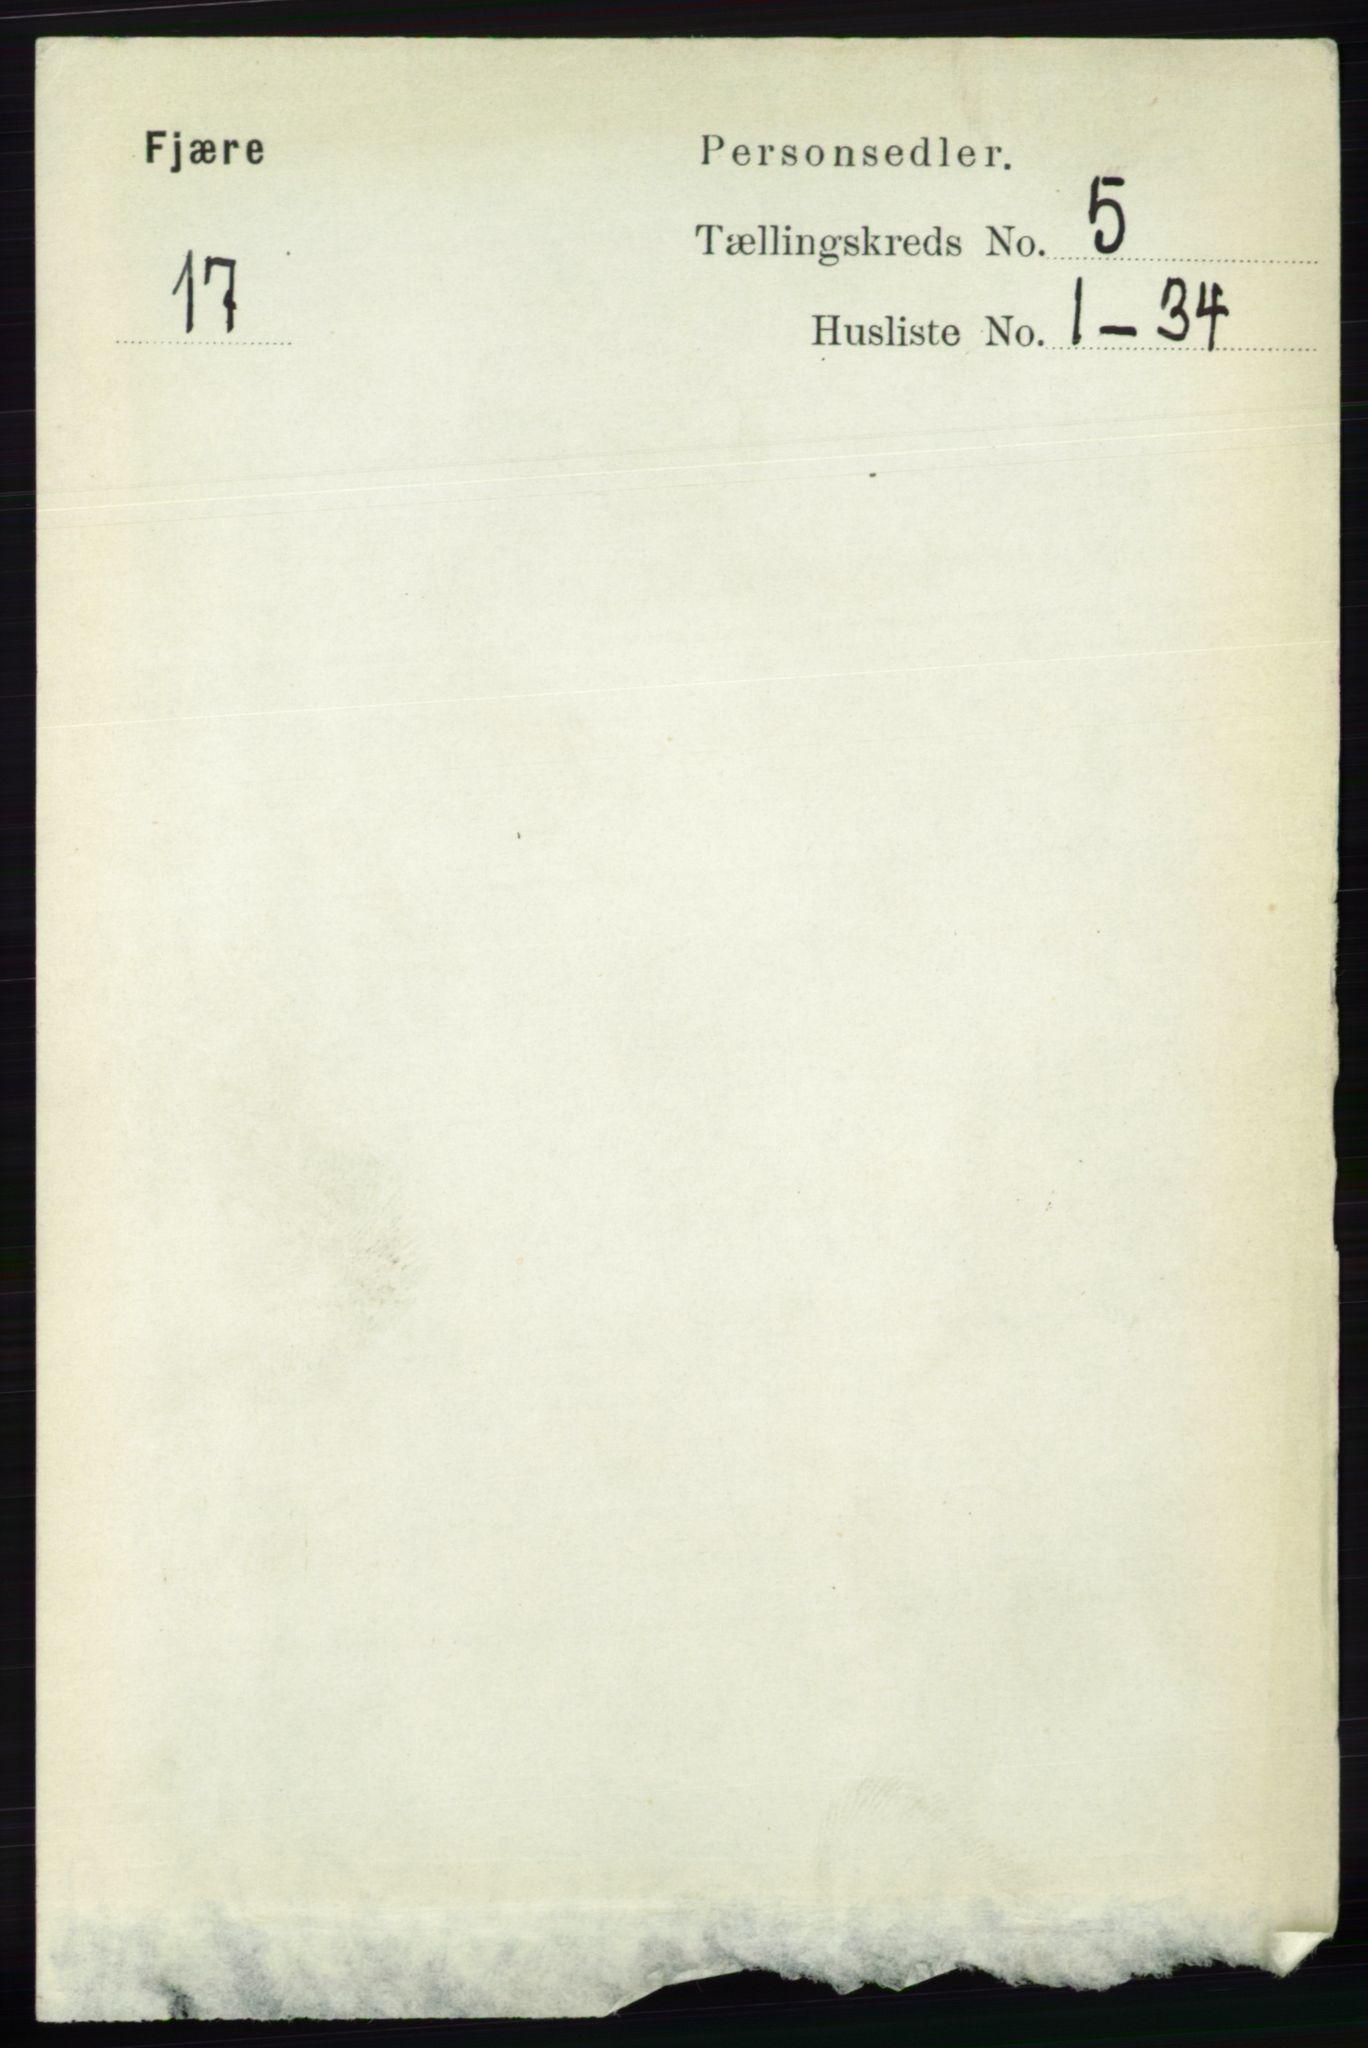 RA, Folketelling 1891 for 0923 Fjære herred, 1891, s. 2428